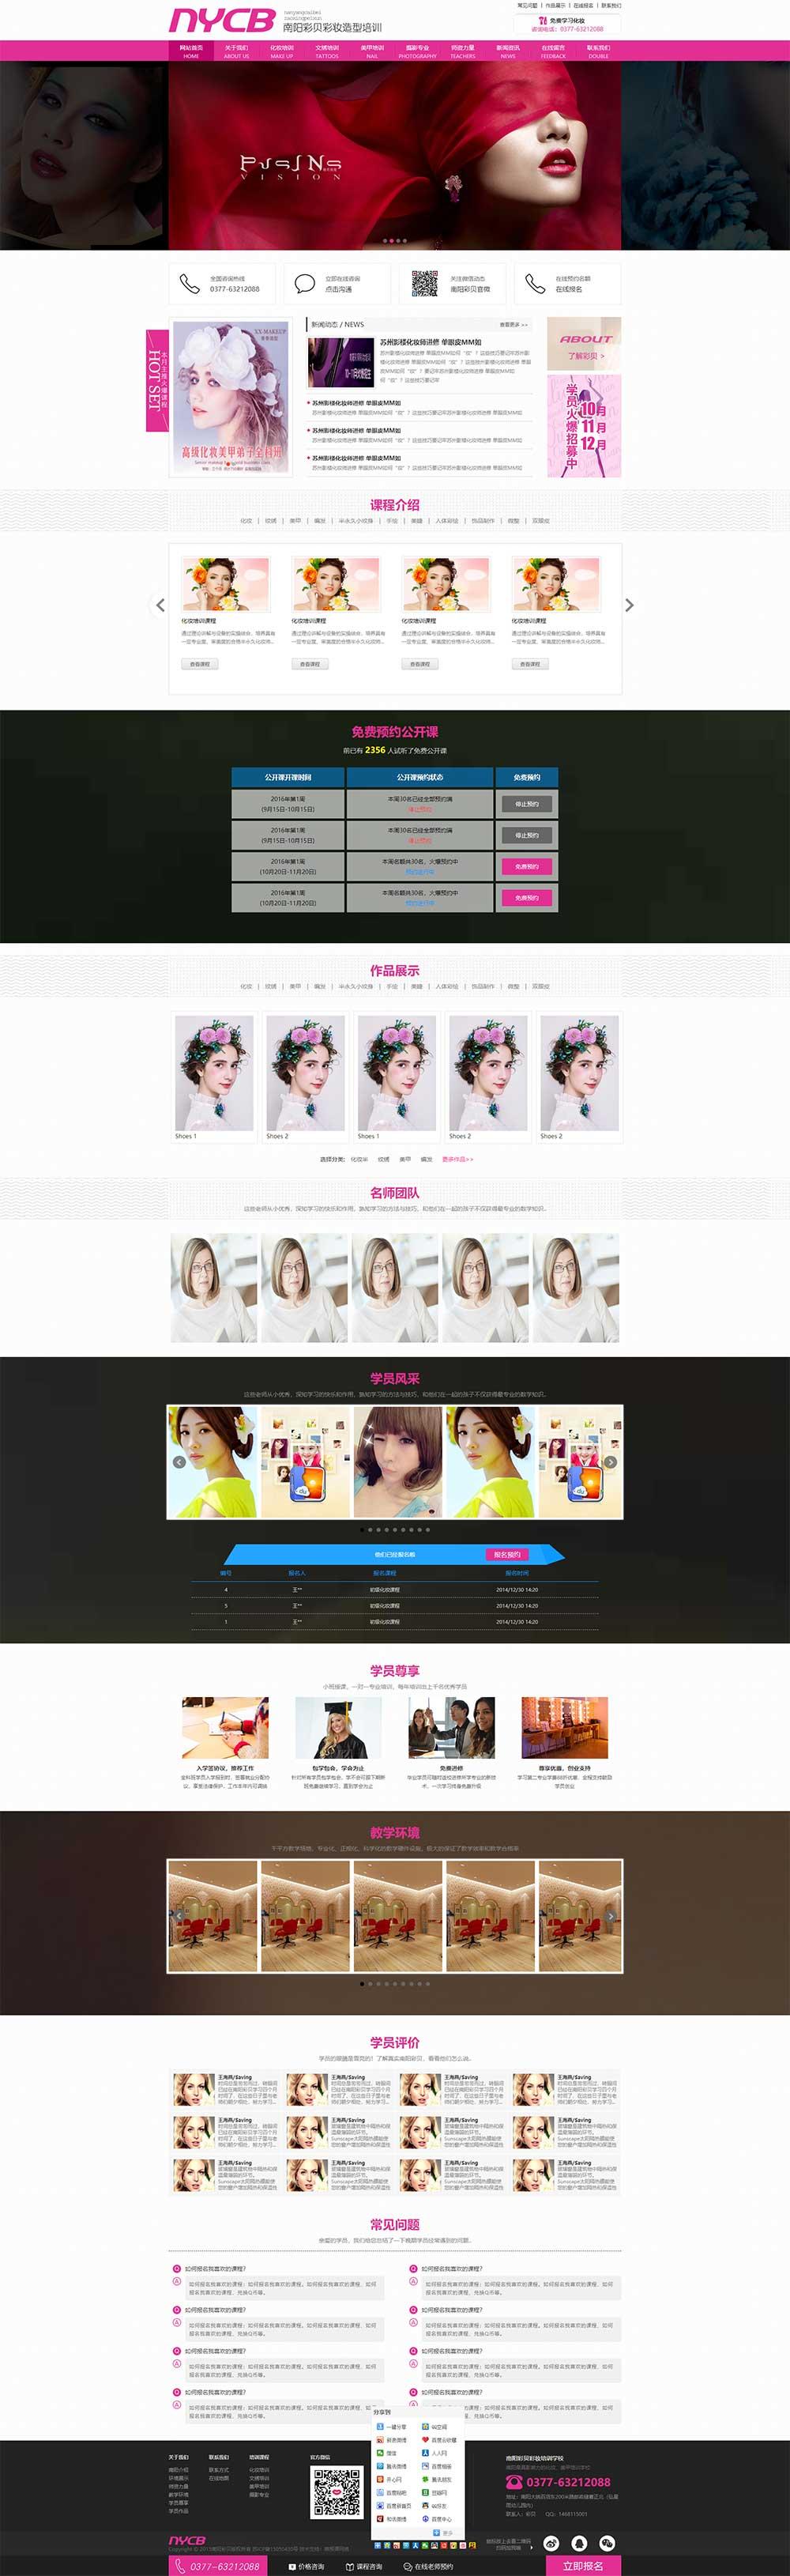 大气简洁的化妆造型培训美容公司网站html网页模板